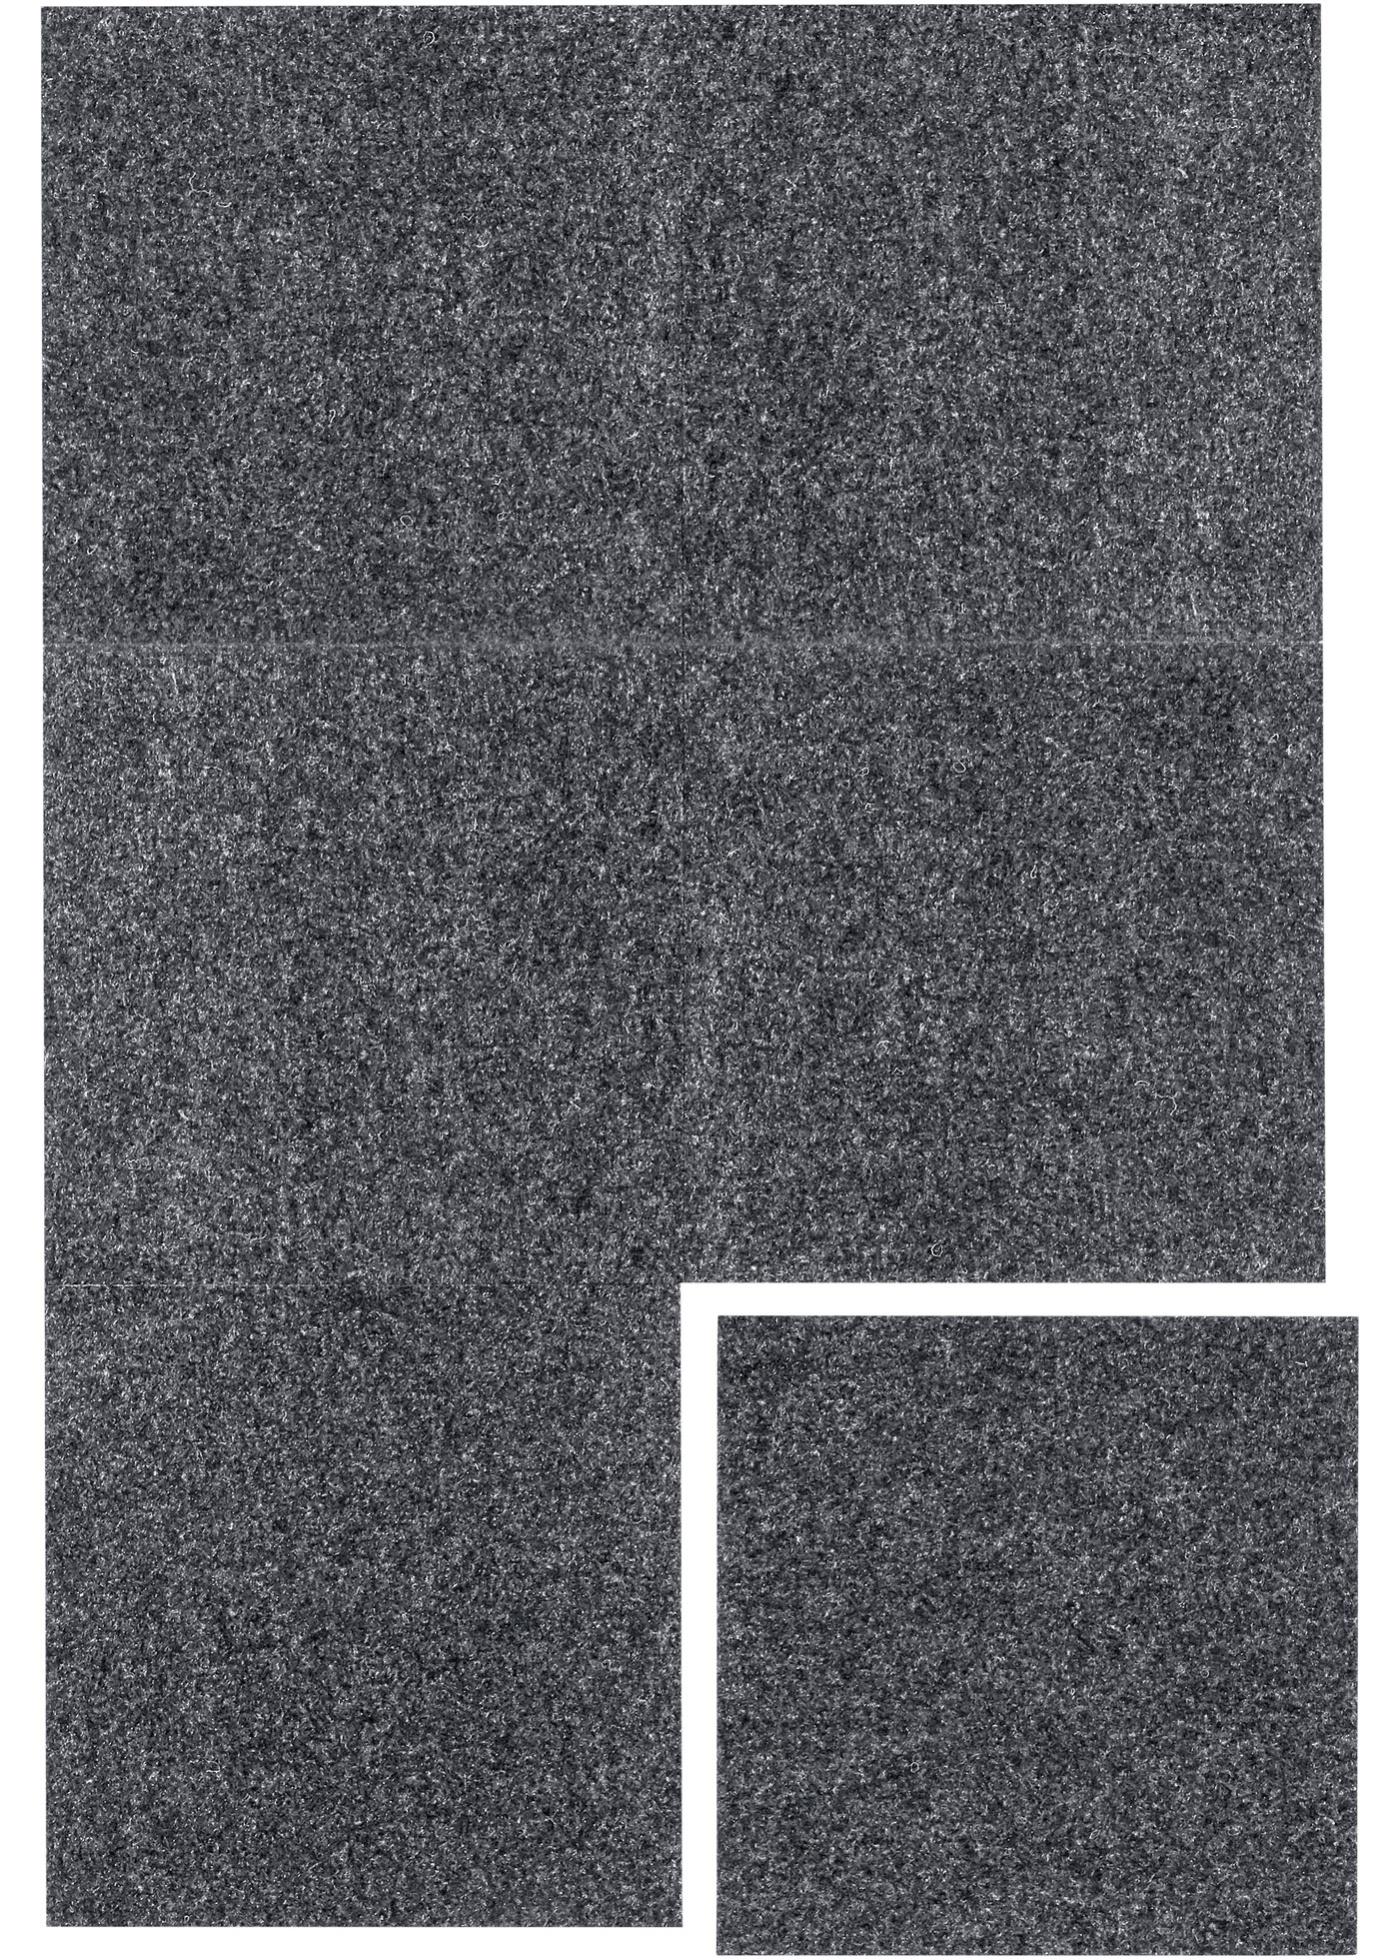 Image of Teppichfliesen selbstklebend